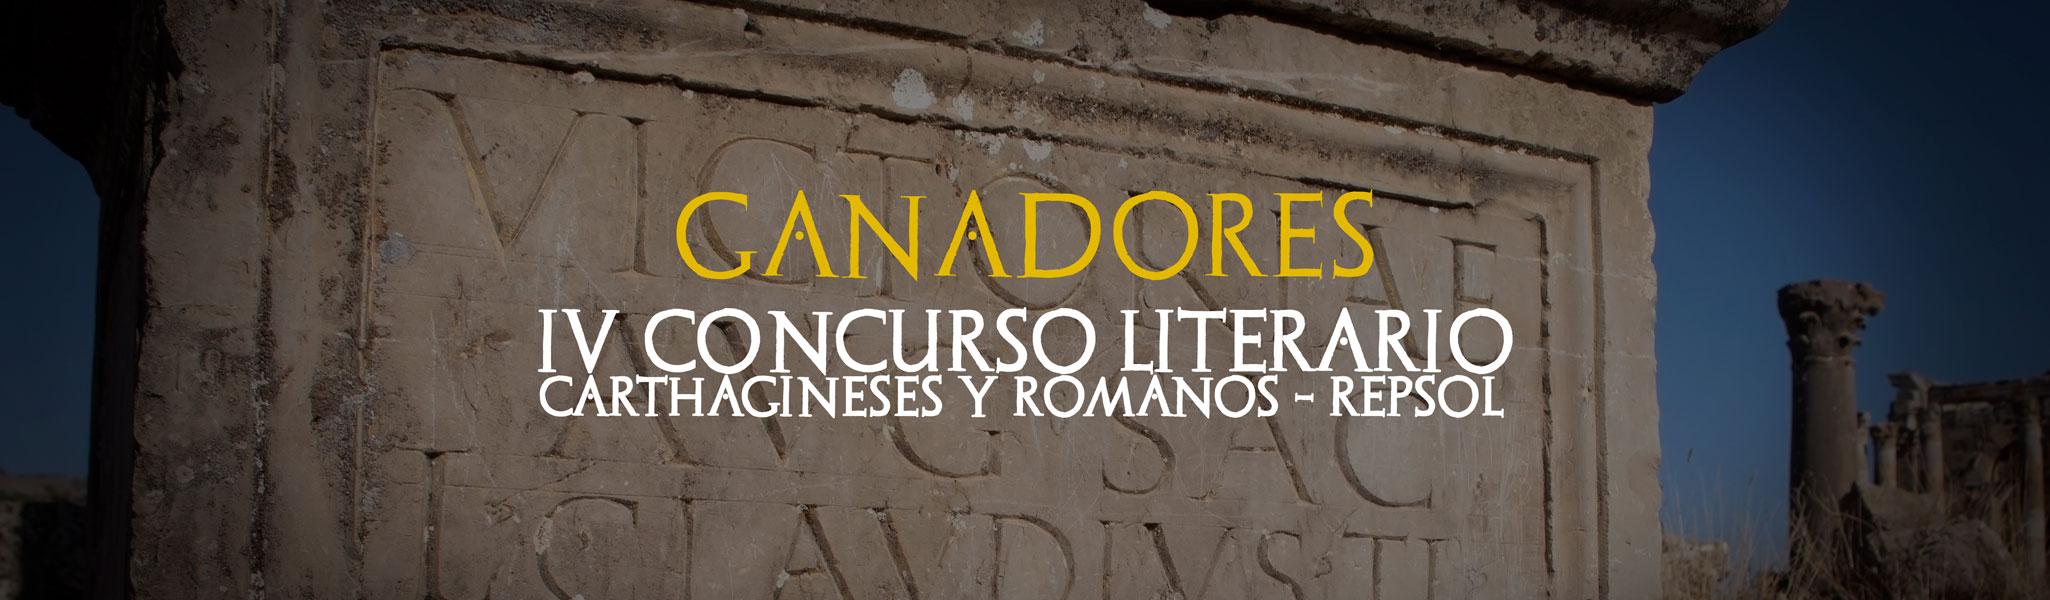 Juan Lorenzo Collado, Gloria Fernández y Leonor Antón ganan el IV concurso literario 'Fiestas de Carthagineses y Romanos'